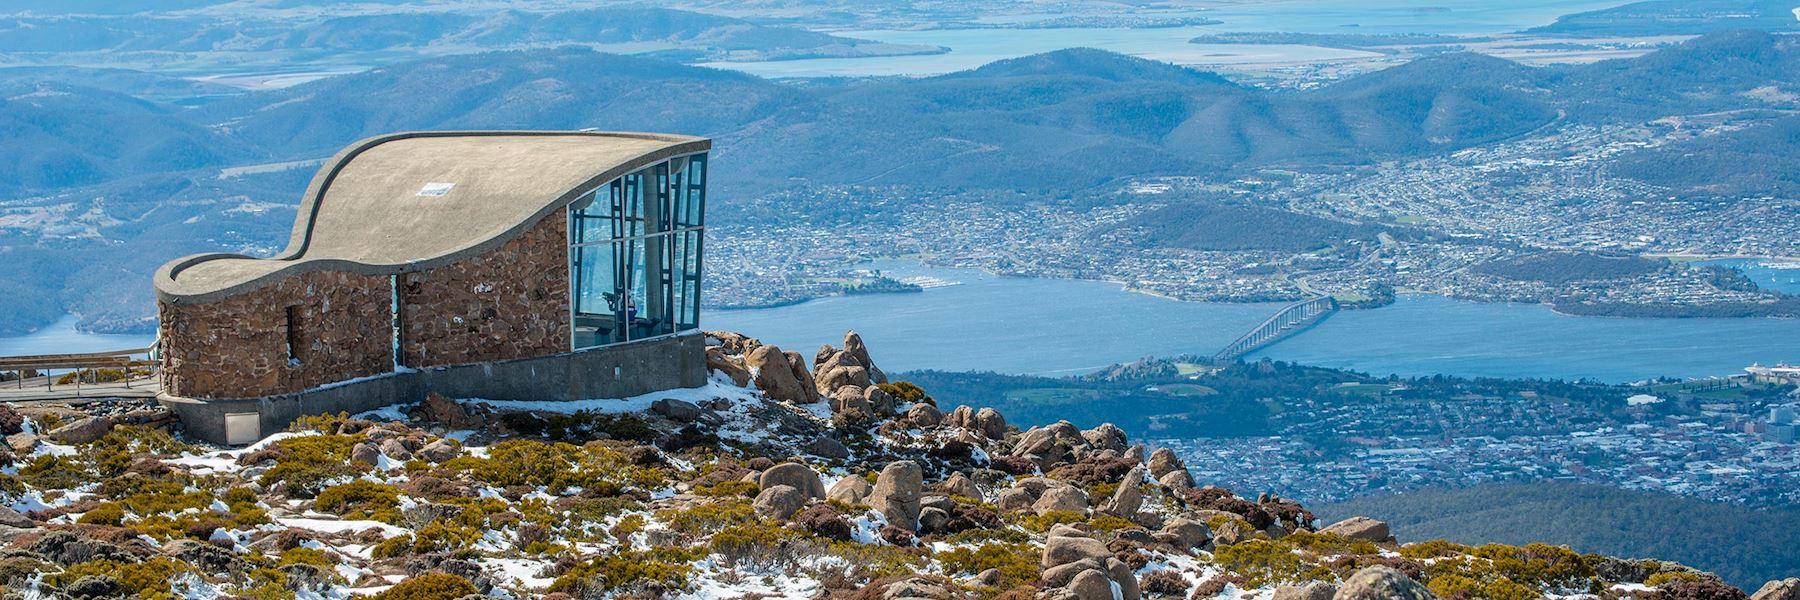 Visit Hobart, Australia